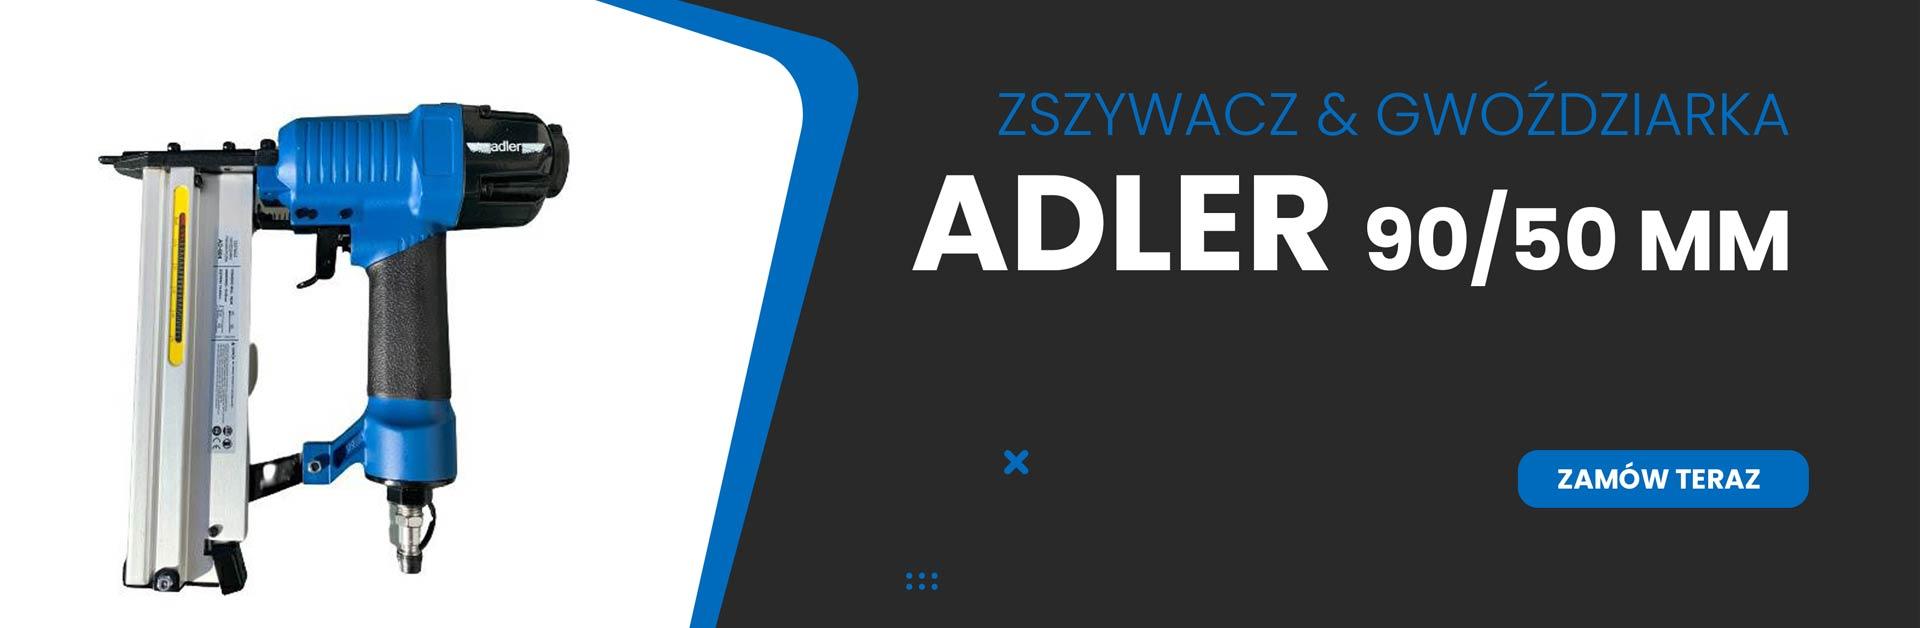 Adler Zszywacz Gwoździarka